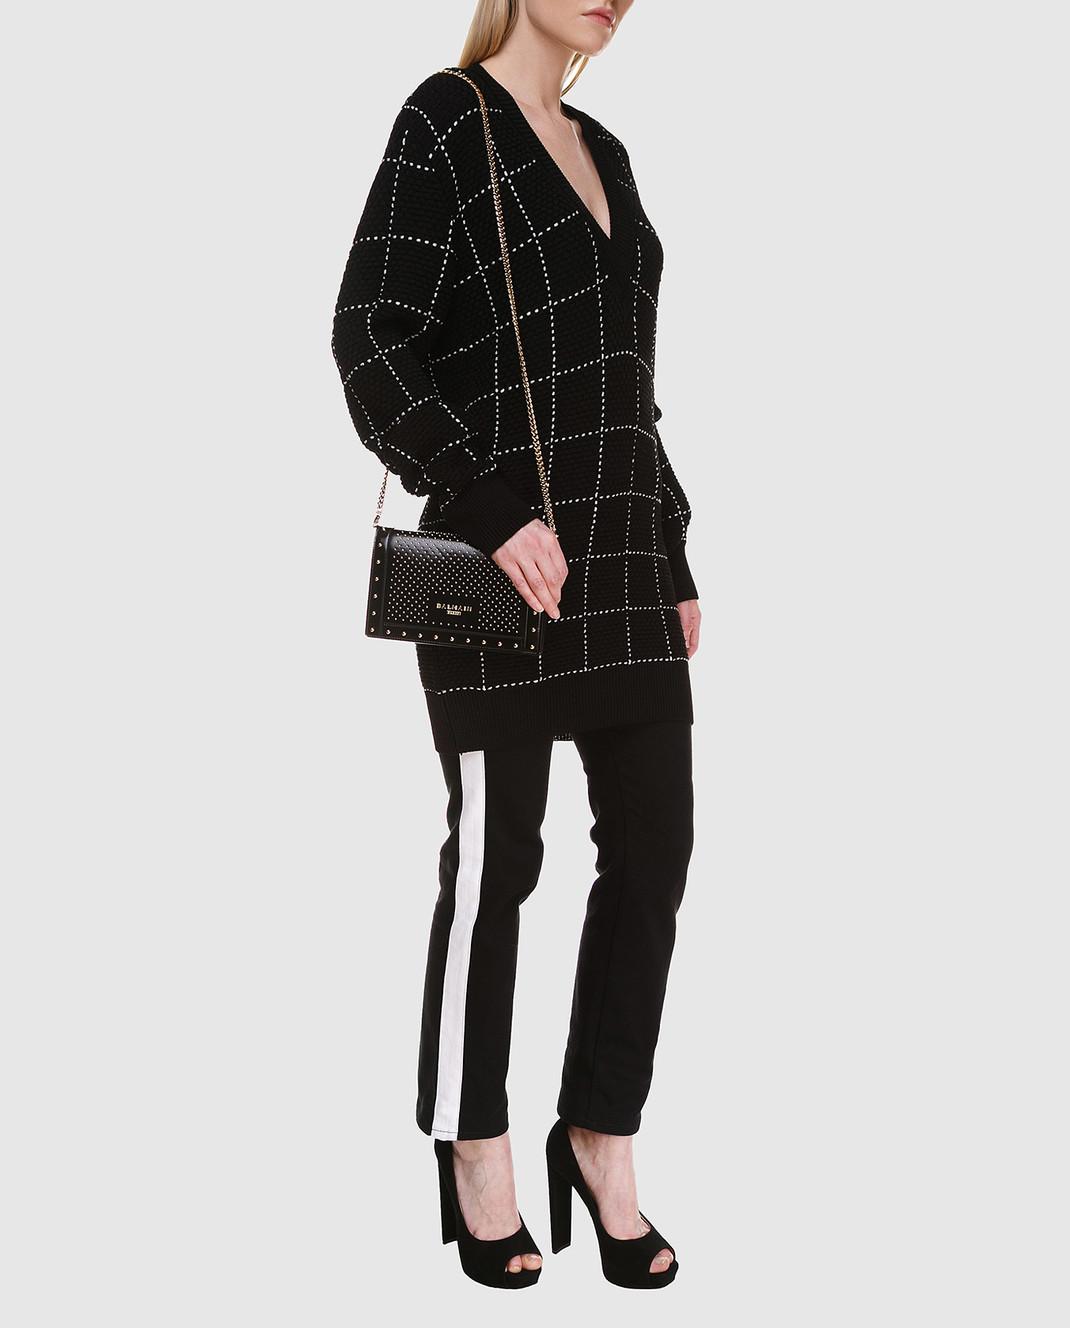 Balmain Черный свитер 136667 изображение 2